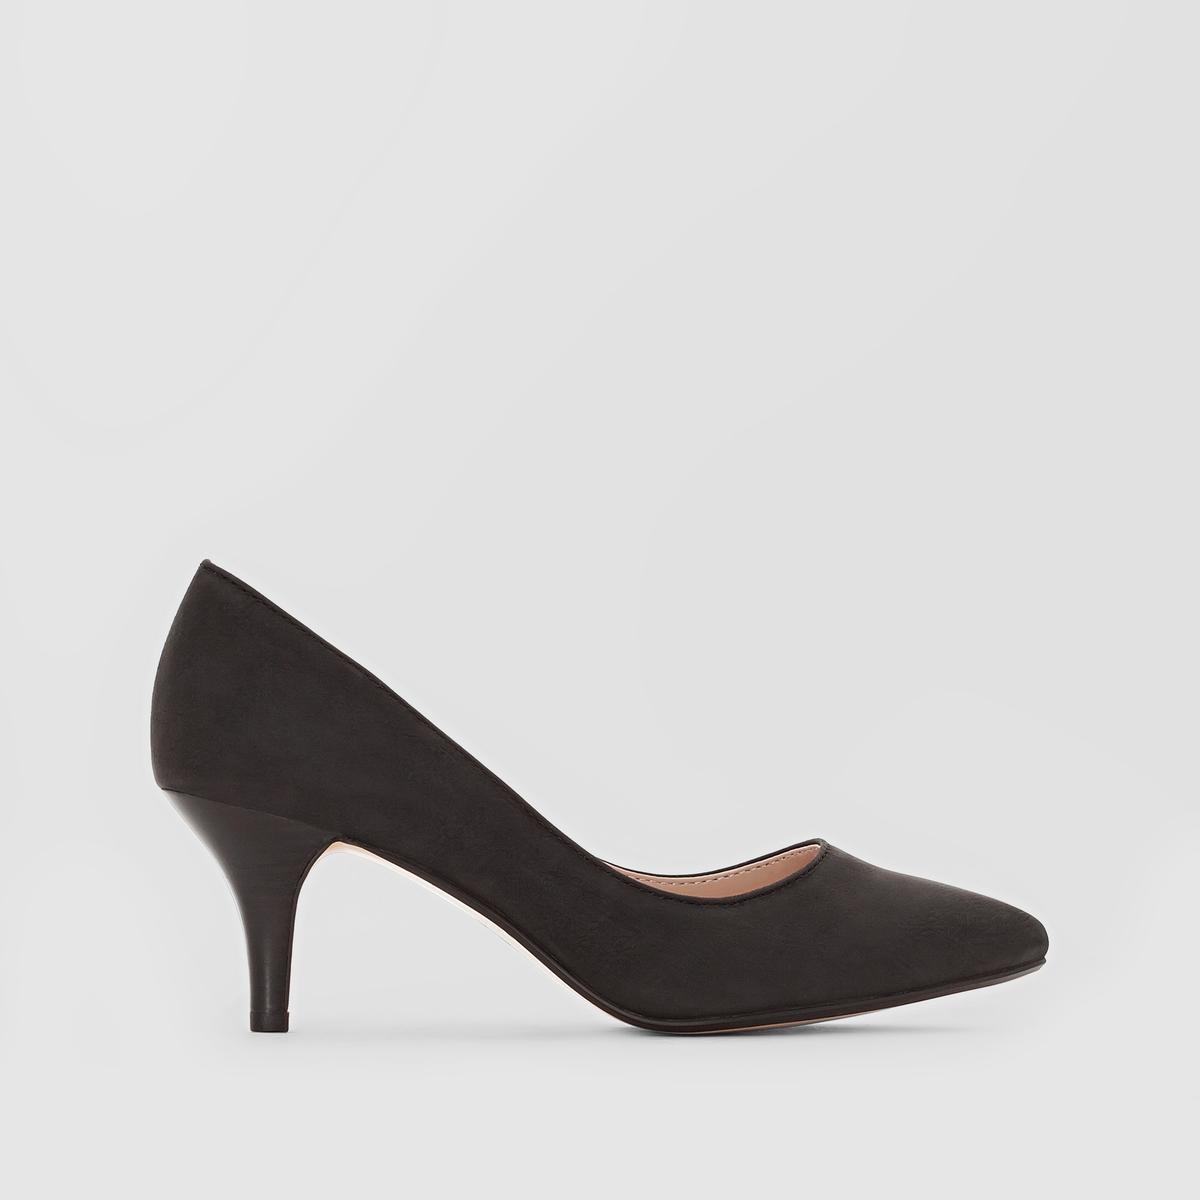 Туфли Pyra PumpВерх: синтетика.Подкладка: синтетика.Стелька: синтетика.Подошва: каучук.Высота каблука: 4 см.Форма каблука: тонкий каблук.Мысок: закругленный.Застежка: без застежки.<br><br>Цвет: черный